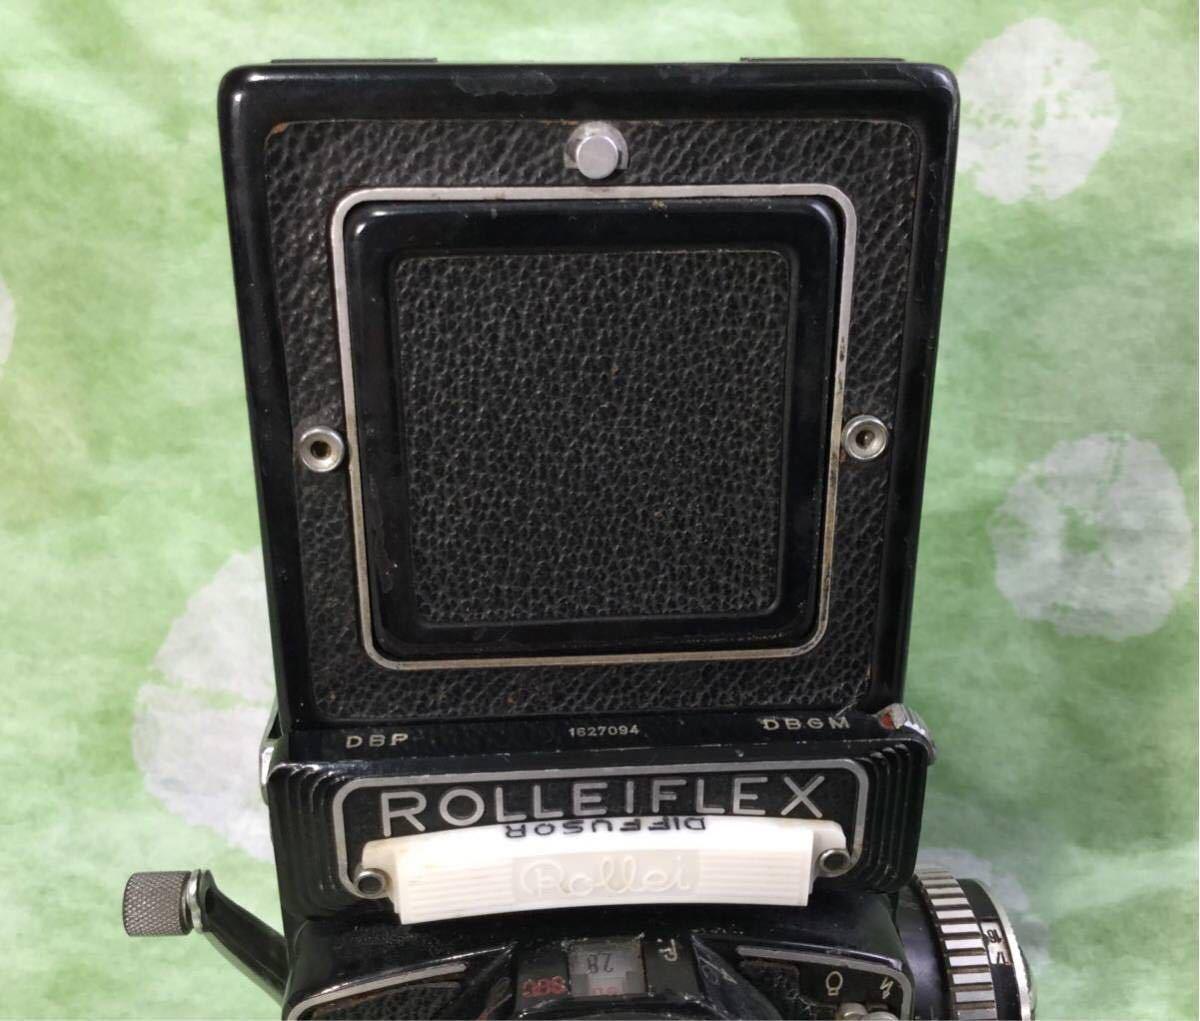 ① ■ ROLLEI FLEX ローライフレックス 2眼レフ schneider kreuznach シュナイダー・クロイツナッハ 1:2.8/80 //ニコン ライカ カメラ収集_画像7